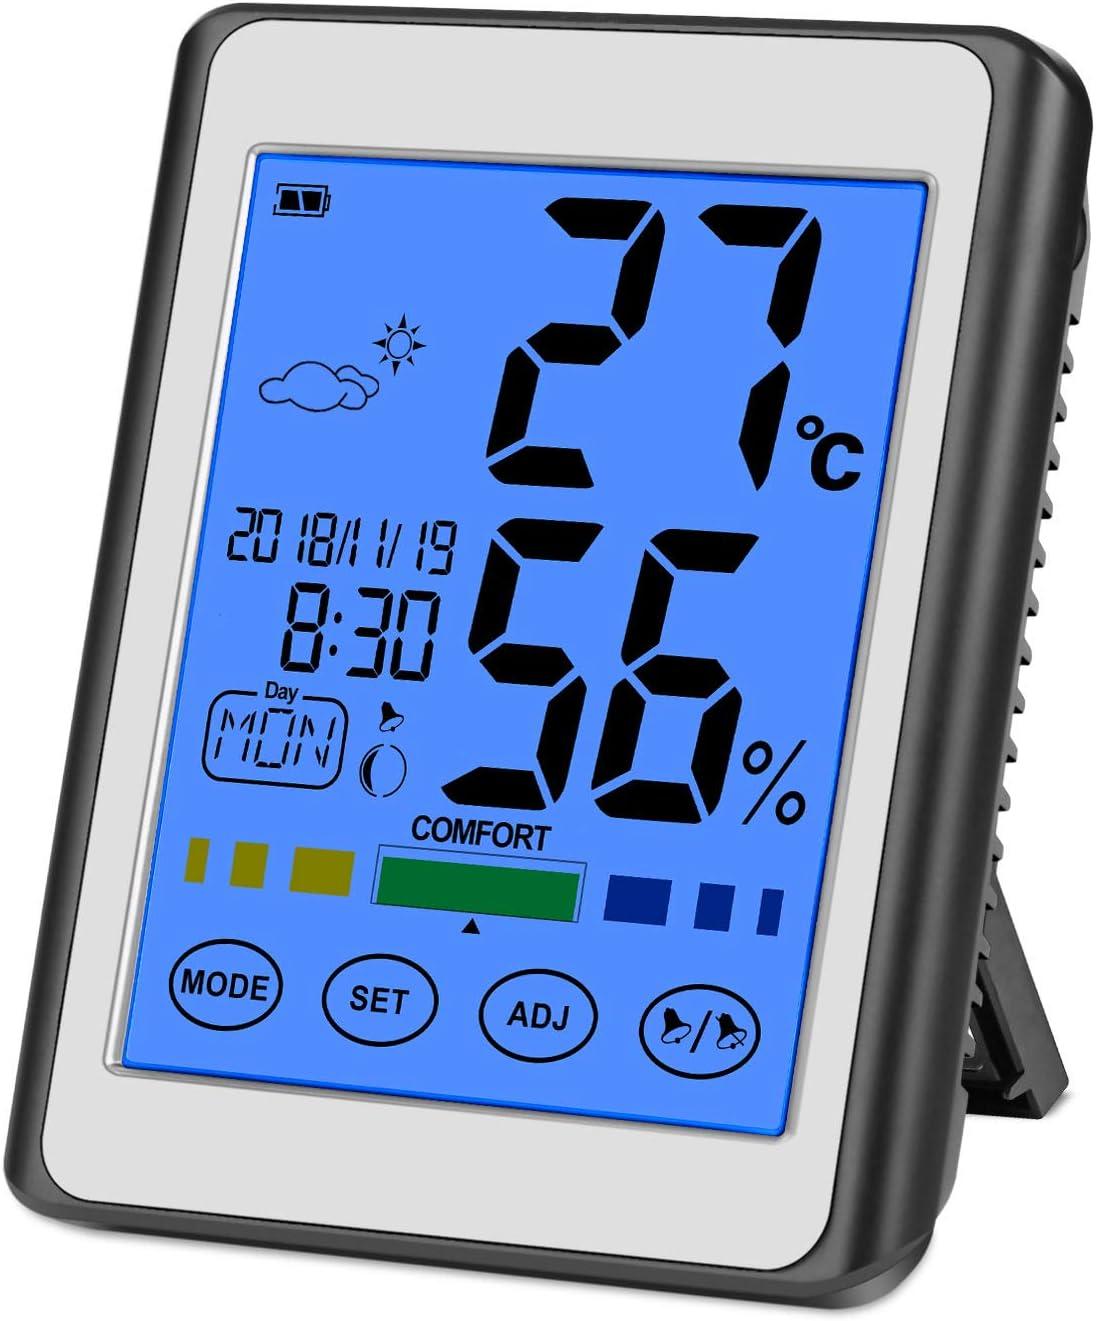 CHOELF Termómetro Higrometro Digital Interior para Medir Temperatura y Humedad con Retroiluminación, Registros Máxima y Mínima, Reloj Despertador, Fecha, Hora, Semana para Habitación, Oficina, Salón